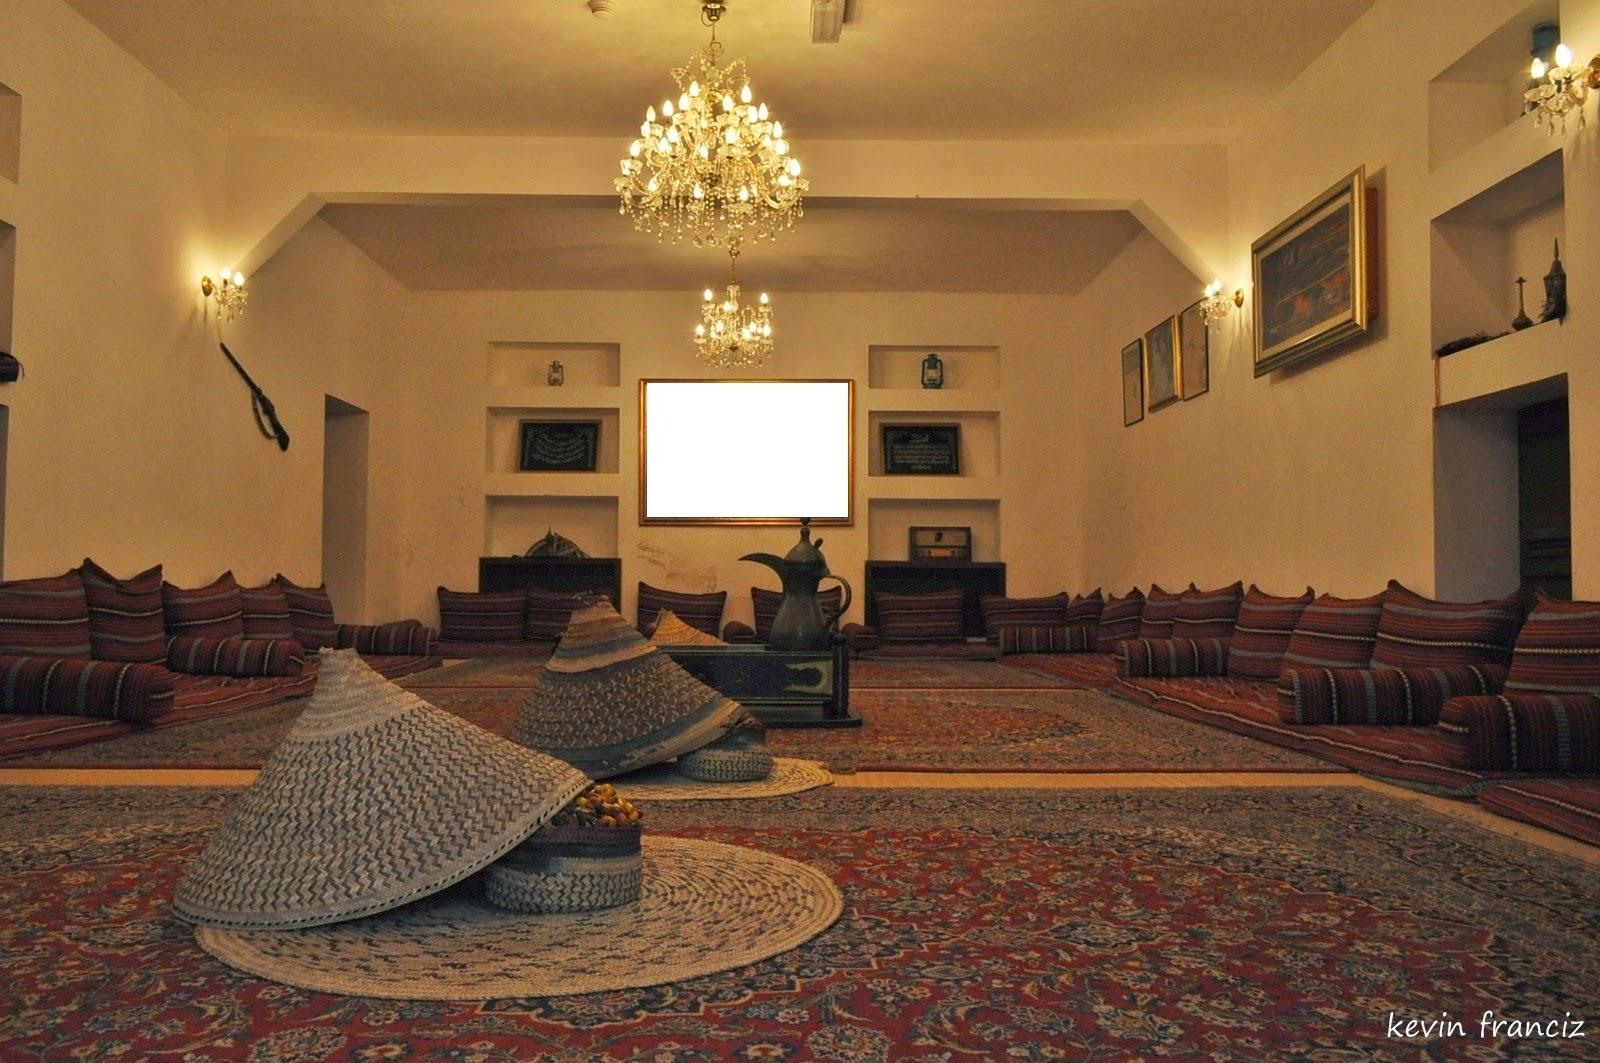 Le boudoir des akhawettes: idées de salon de sol (majlis)